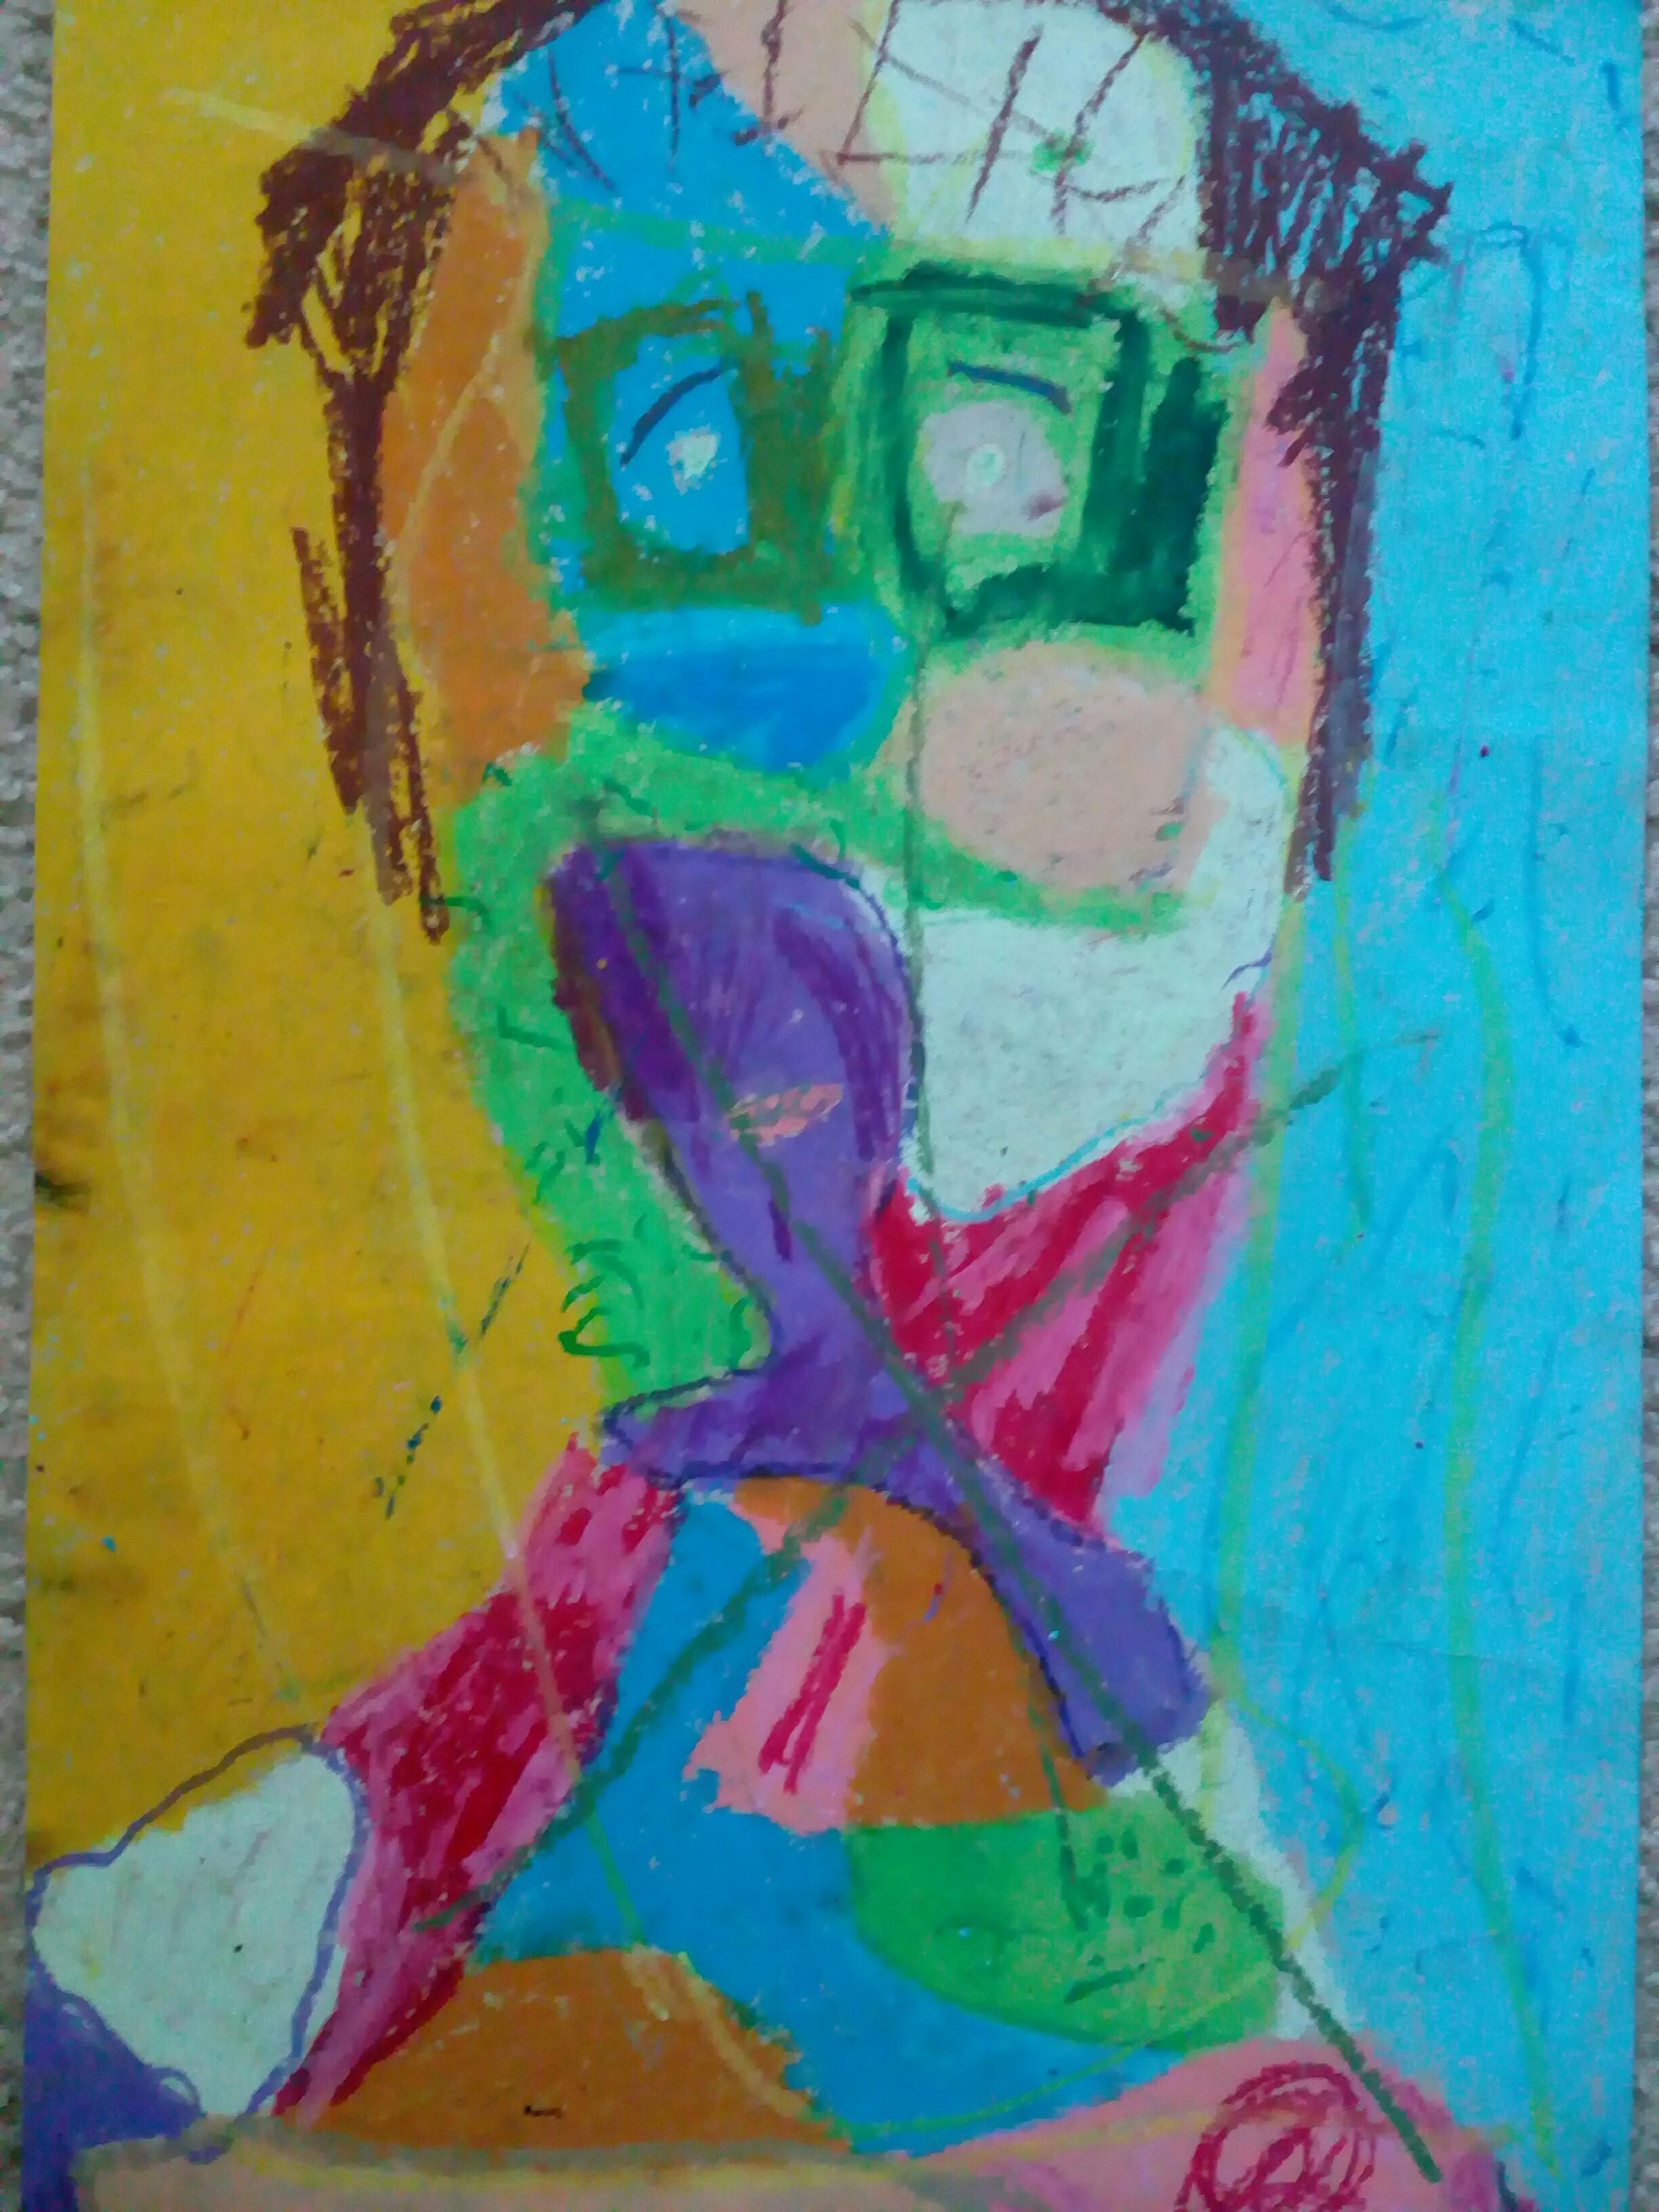 рисунка Даниел Ван Дийн, 10 г.